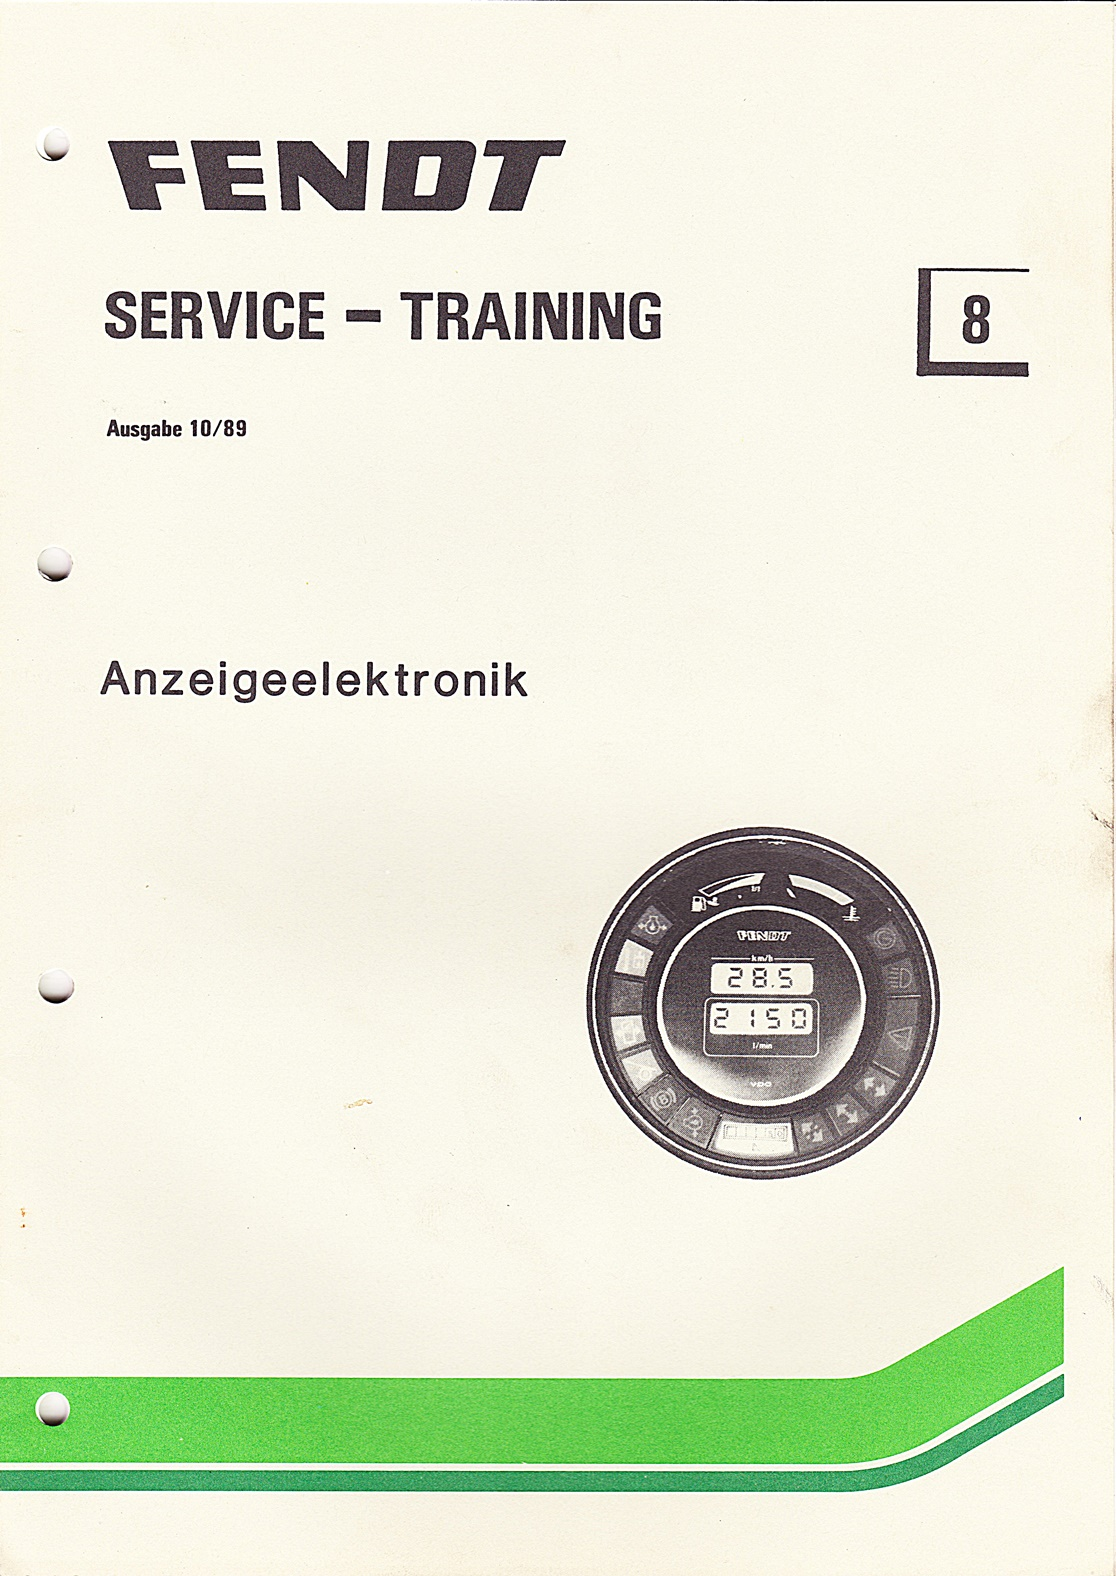 Fendt Service - Training Nr.8  Anzeigeelektronik